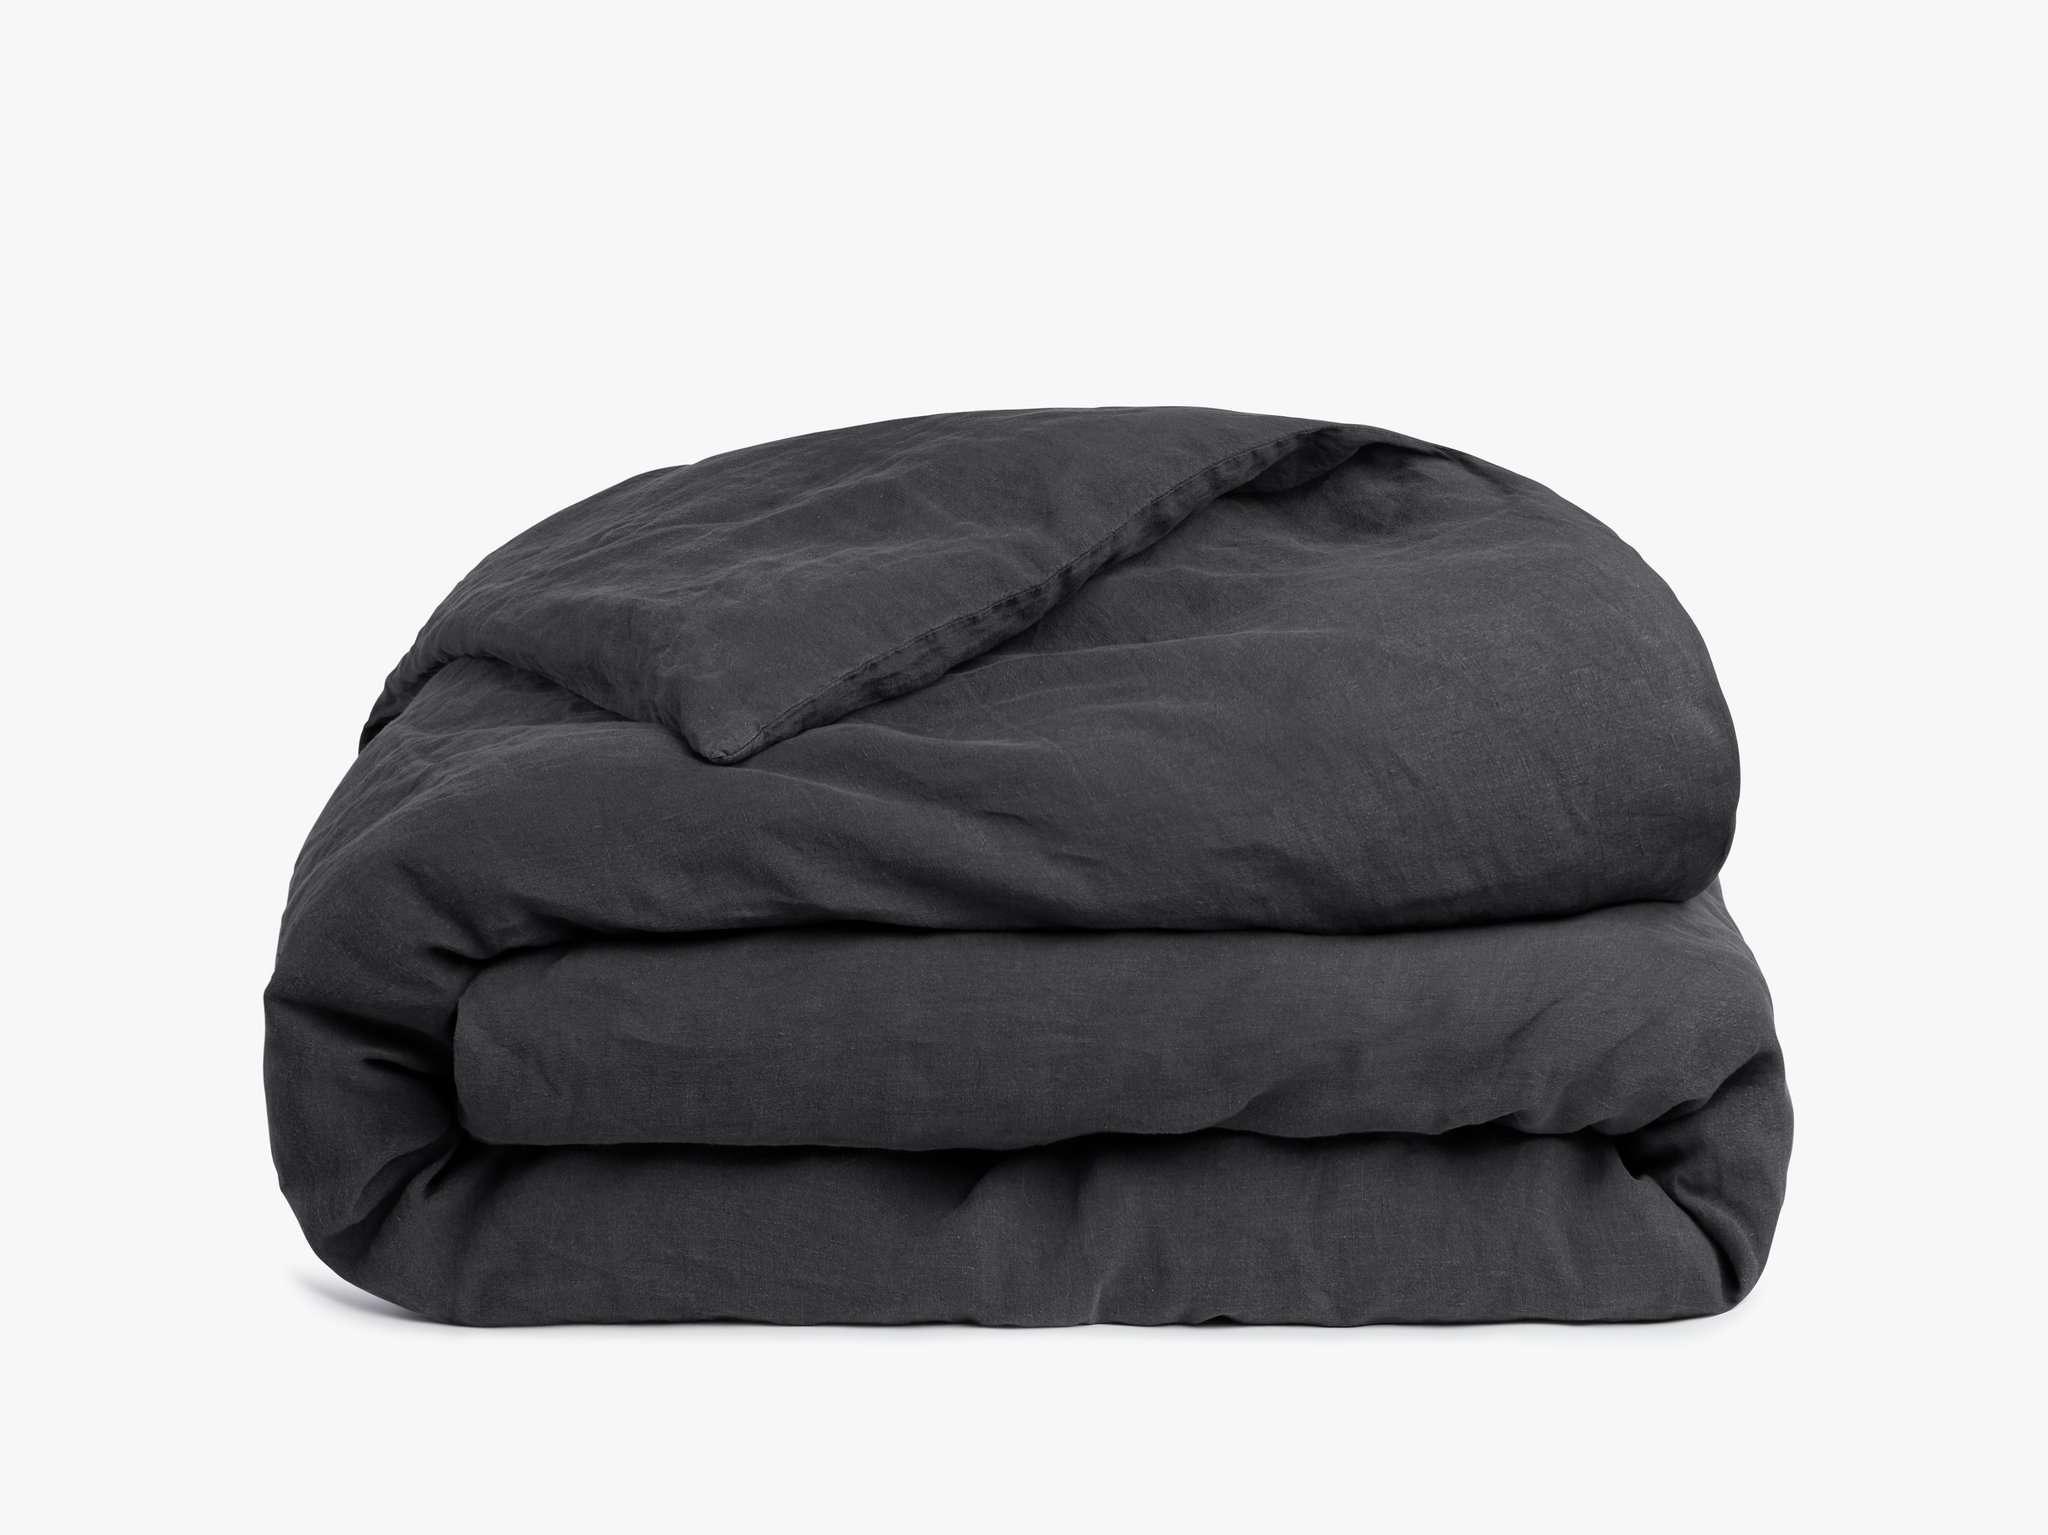 washed black linen duvet cover in coal